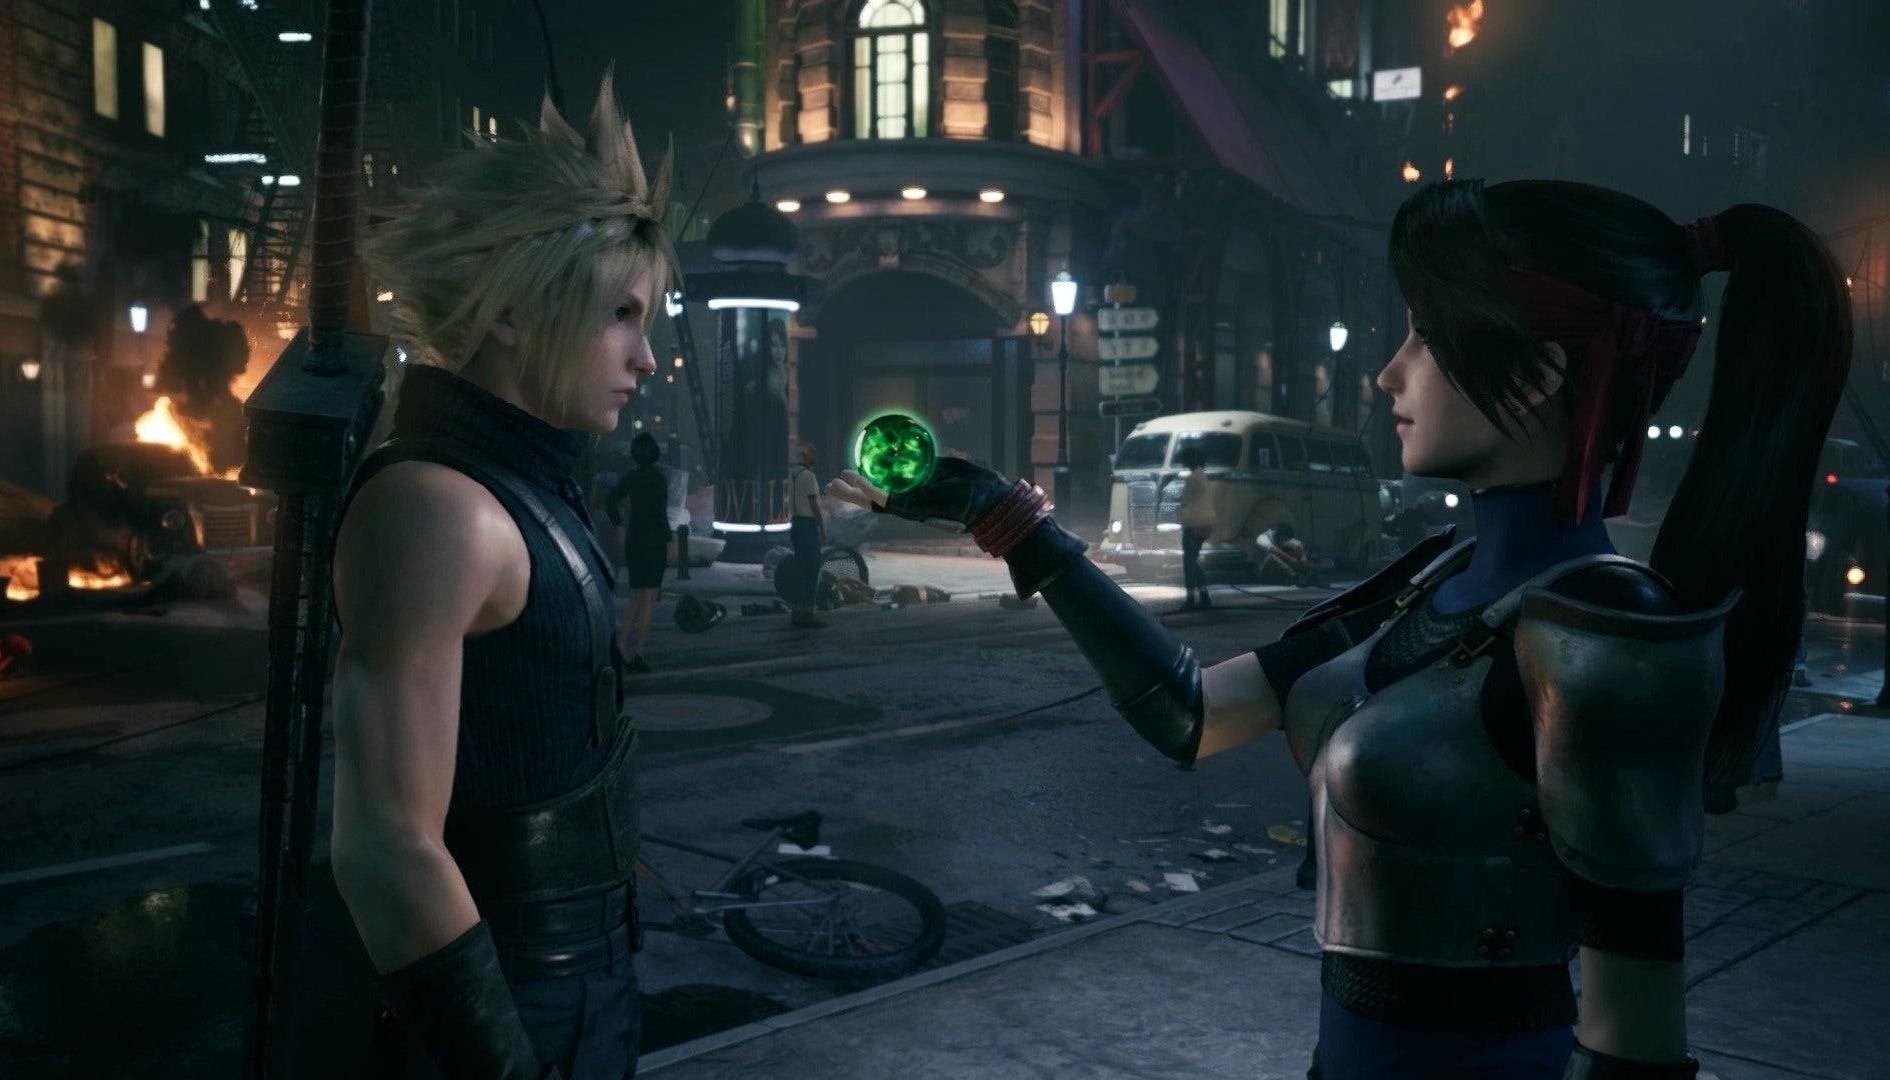 Final Fantasy 7 Remake Intergrade, i DLC di PS4 sono gratuiti su PS5